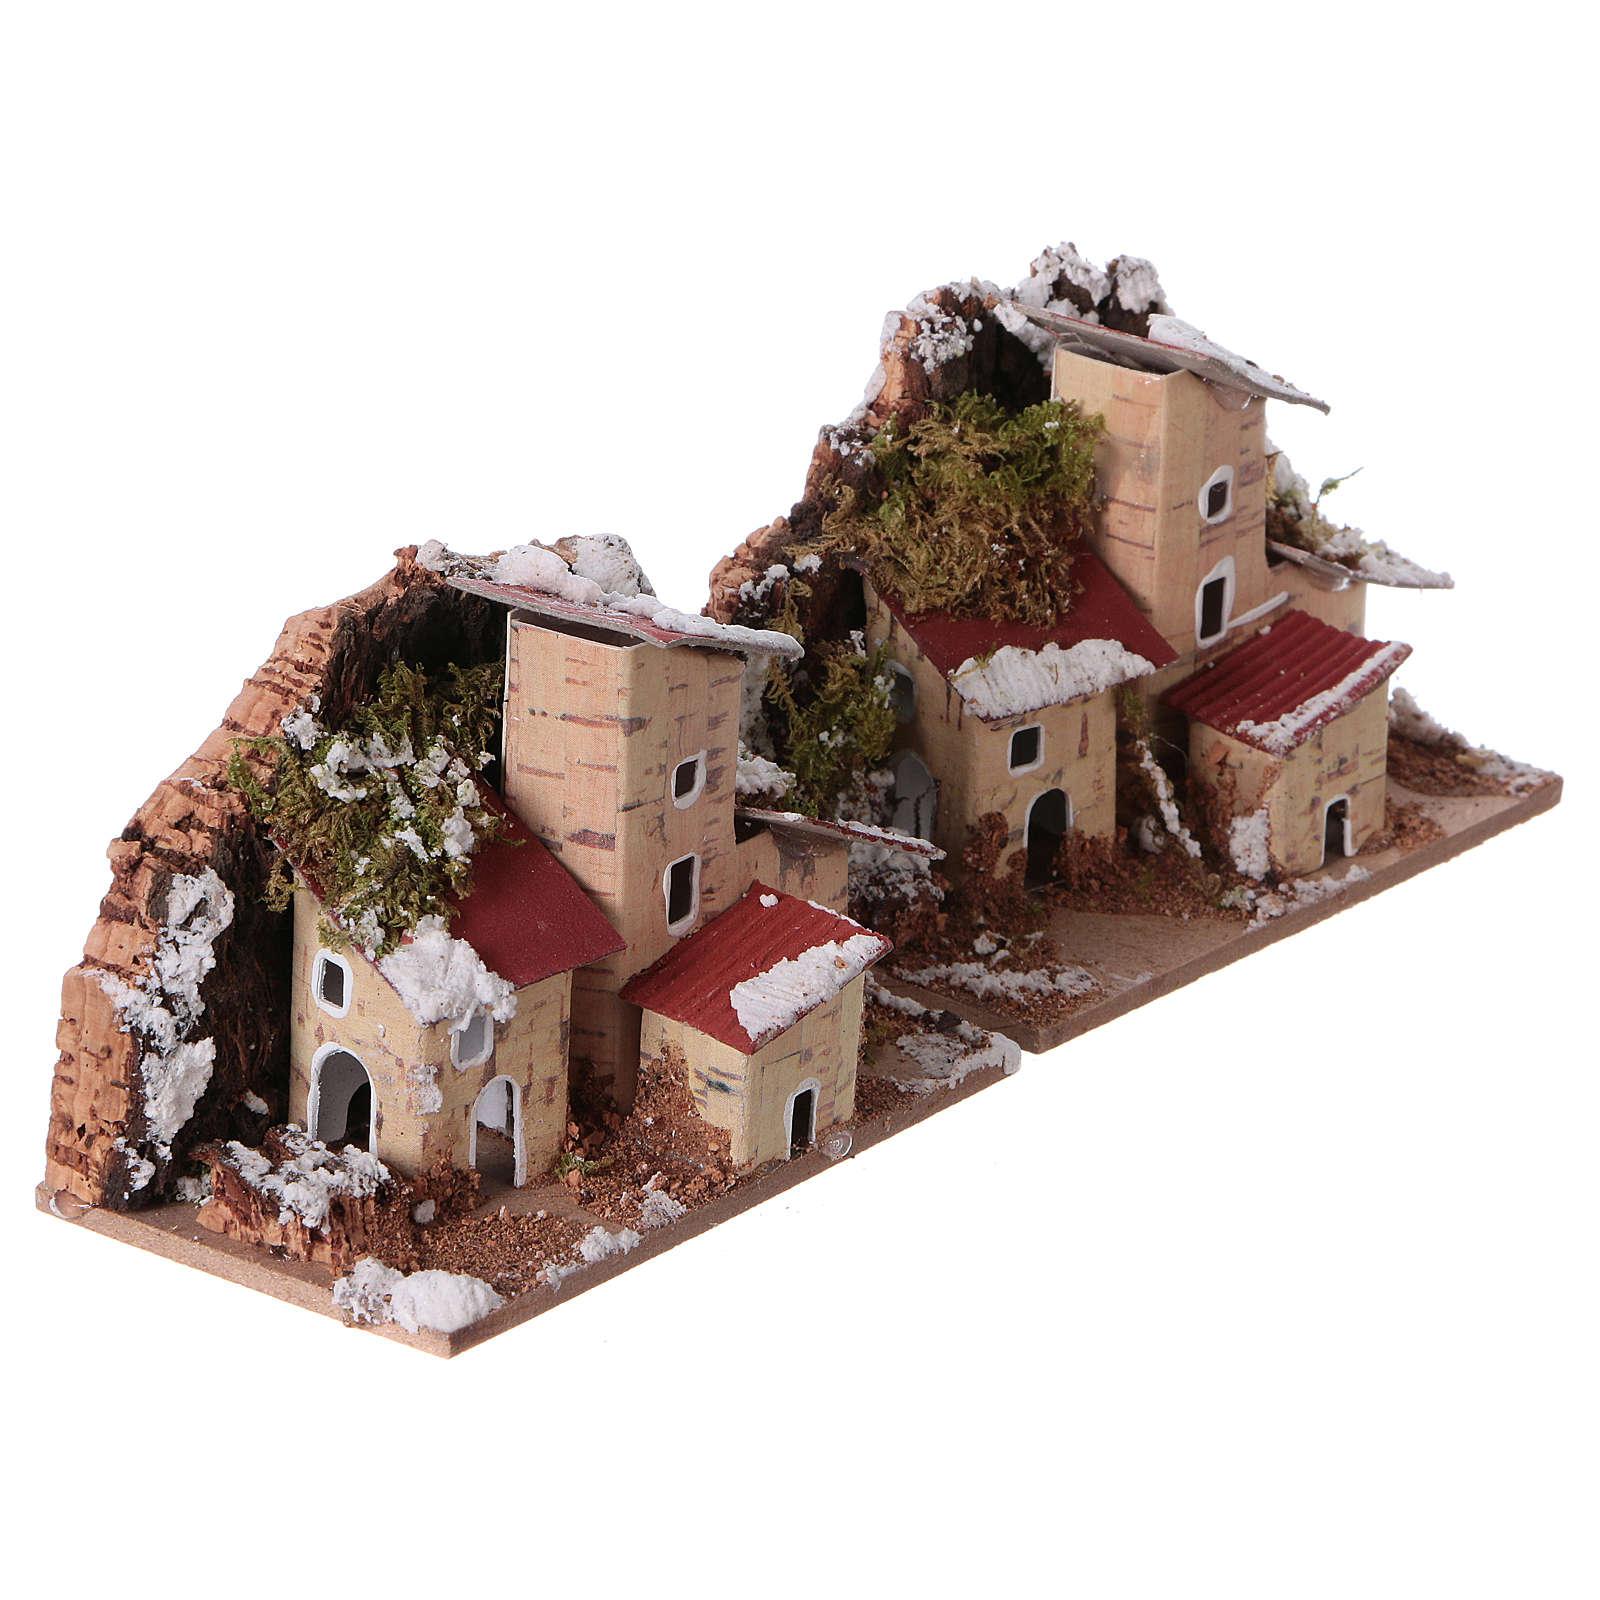 Décor de crèche, maisons enneigées 10x6 cm 2 pièces 4